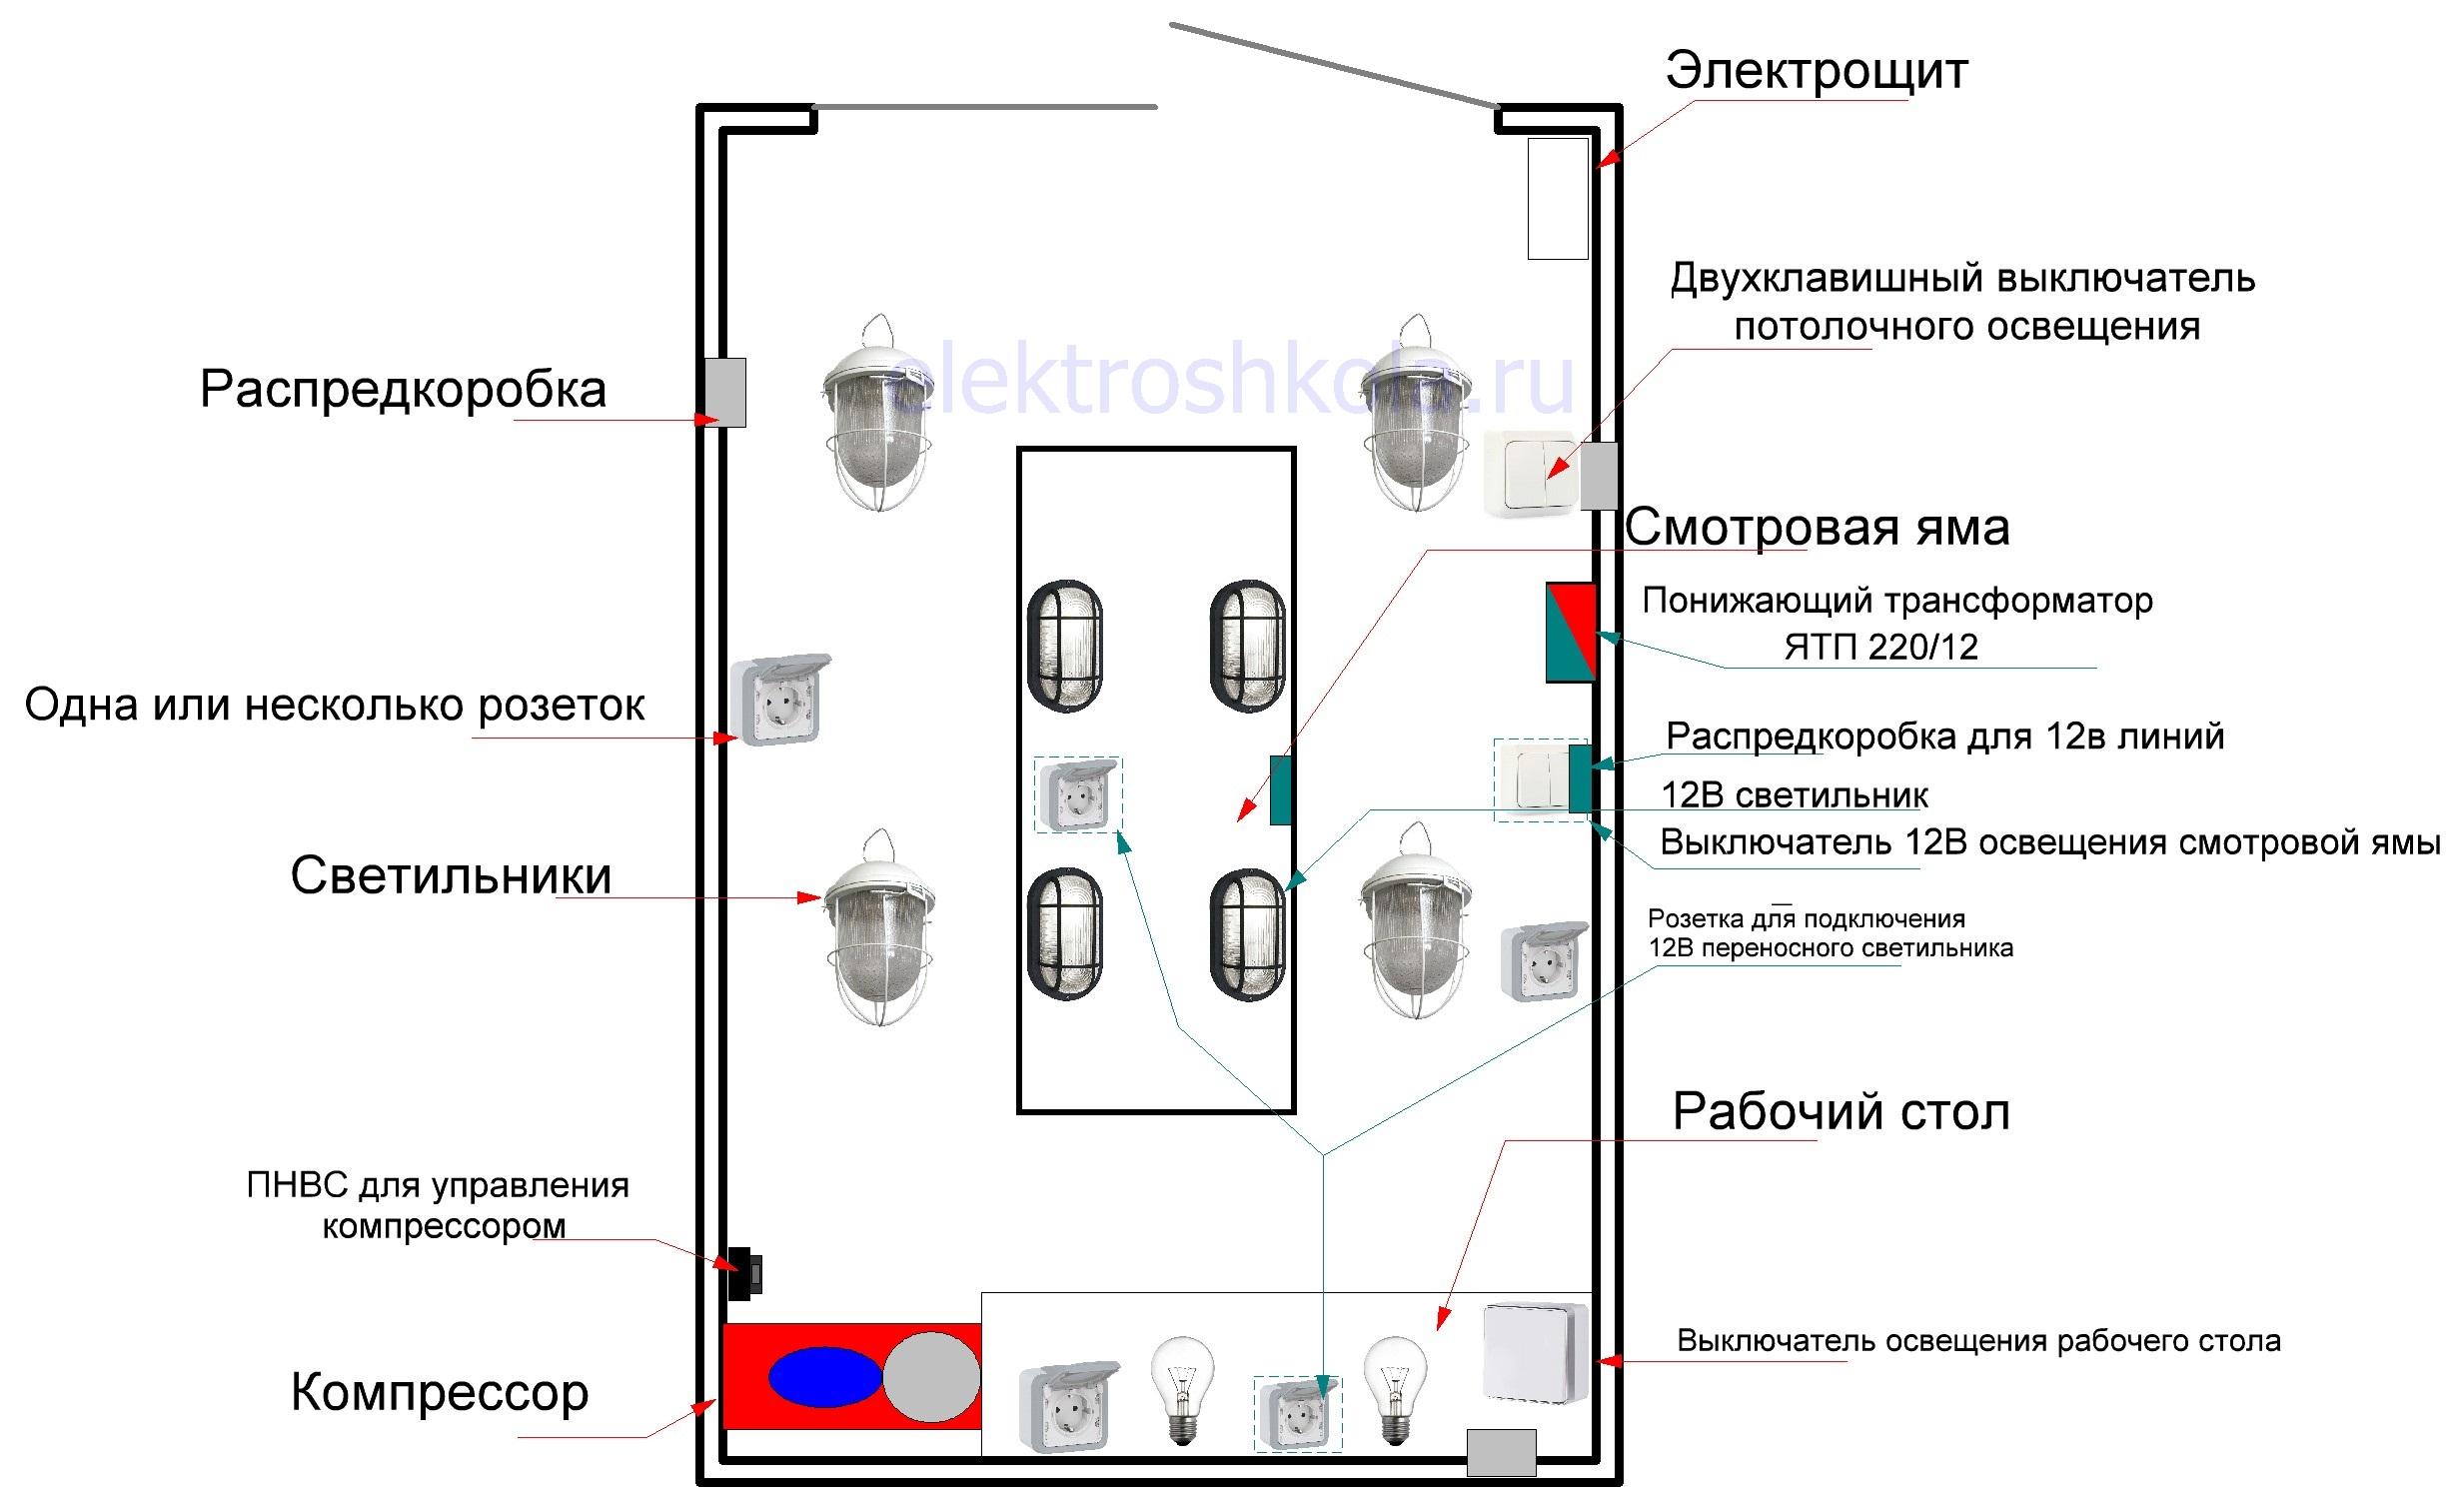 схема расстановки электрооборудования в гараже